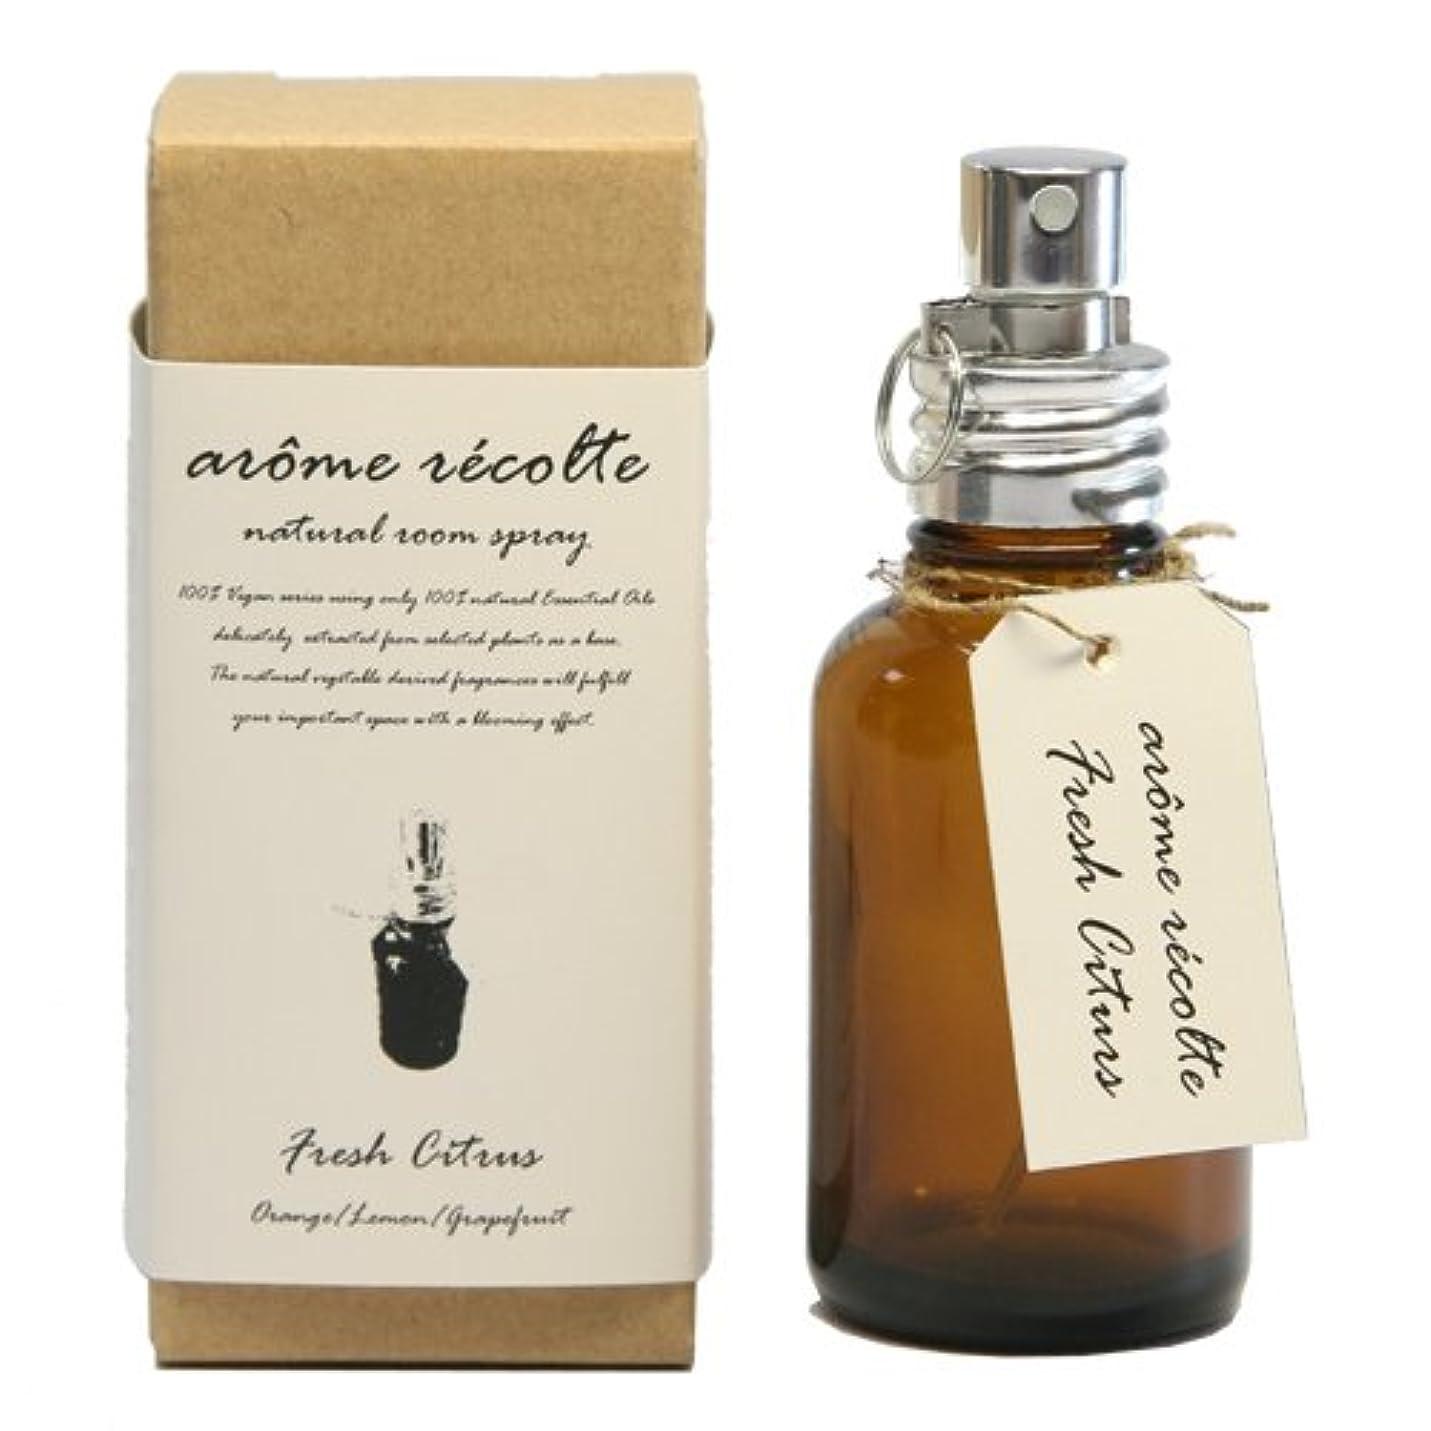 薄暗い優れましたスティーブンソンアロマレコルト ナチュラルルームスプレー  フレッシュシトラス【Fresh Citurs】 arome rcolte